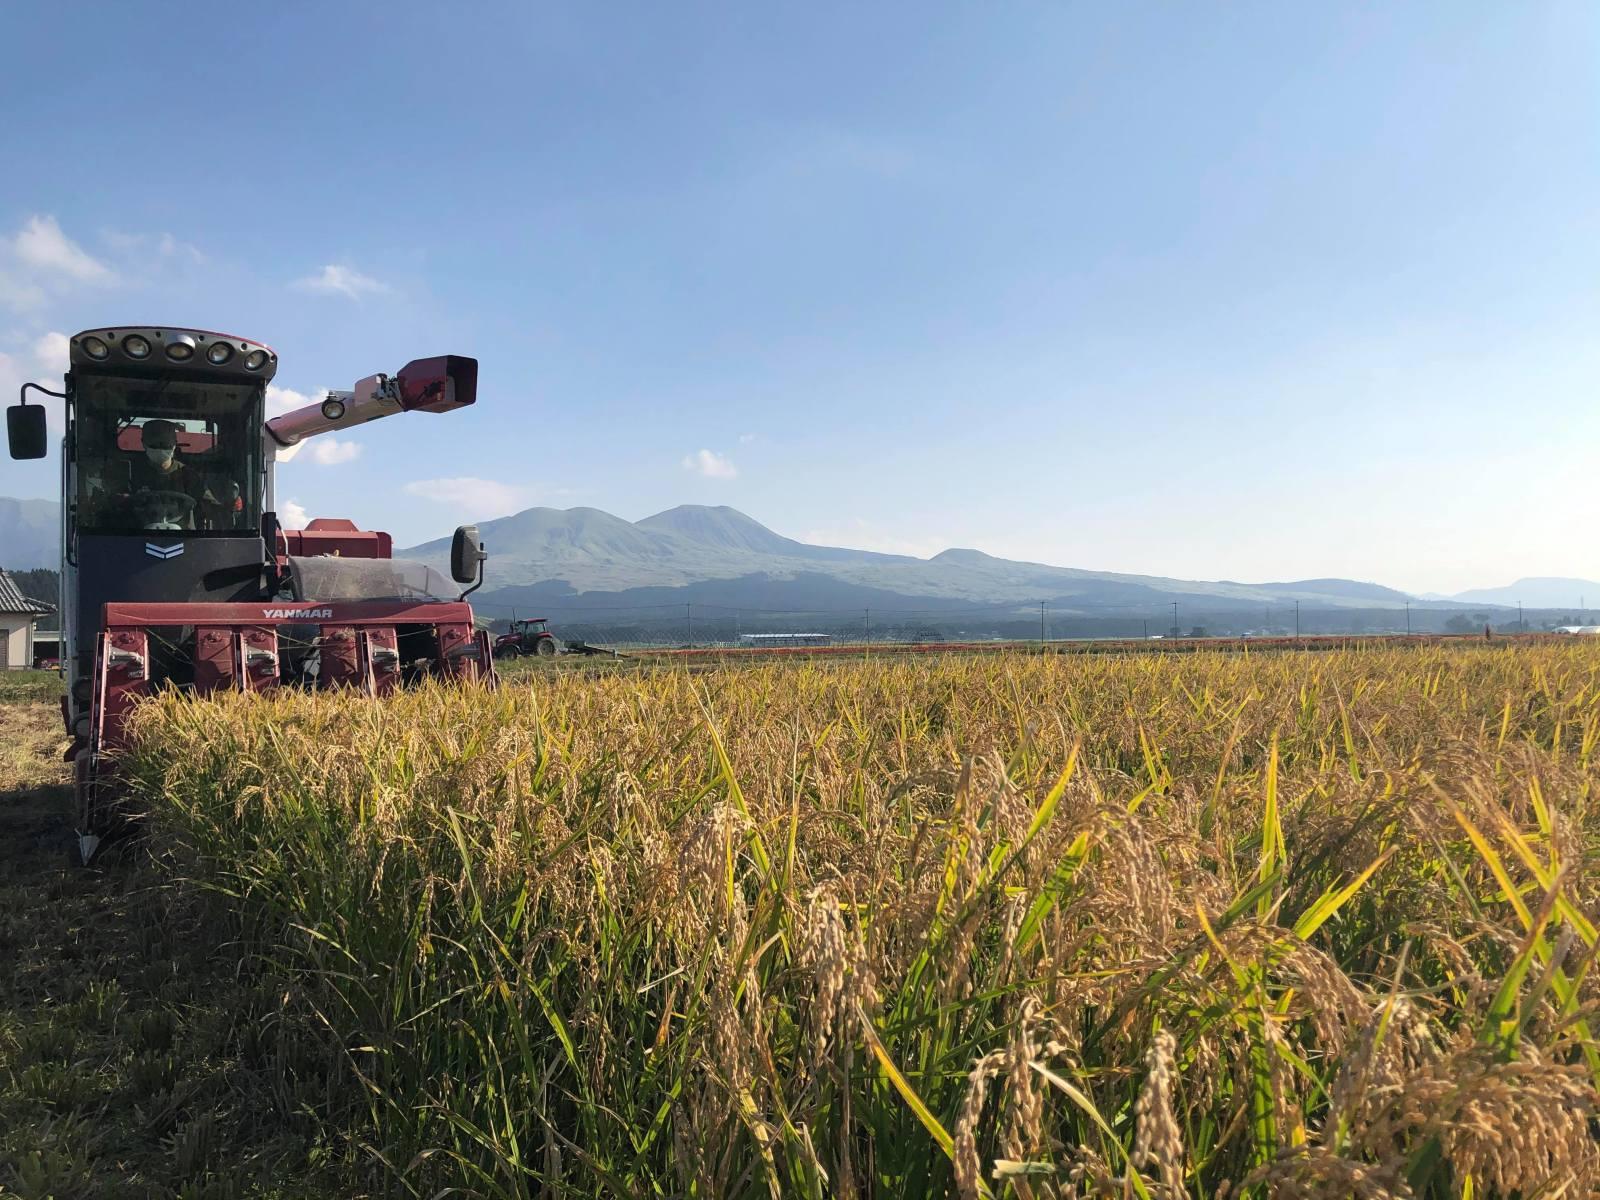 お米農家を営む内田さんが収穫を行っている様子。内田農場では10品種以上のお米を栽培。